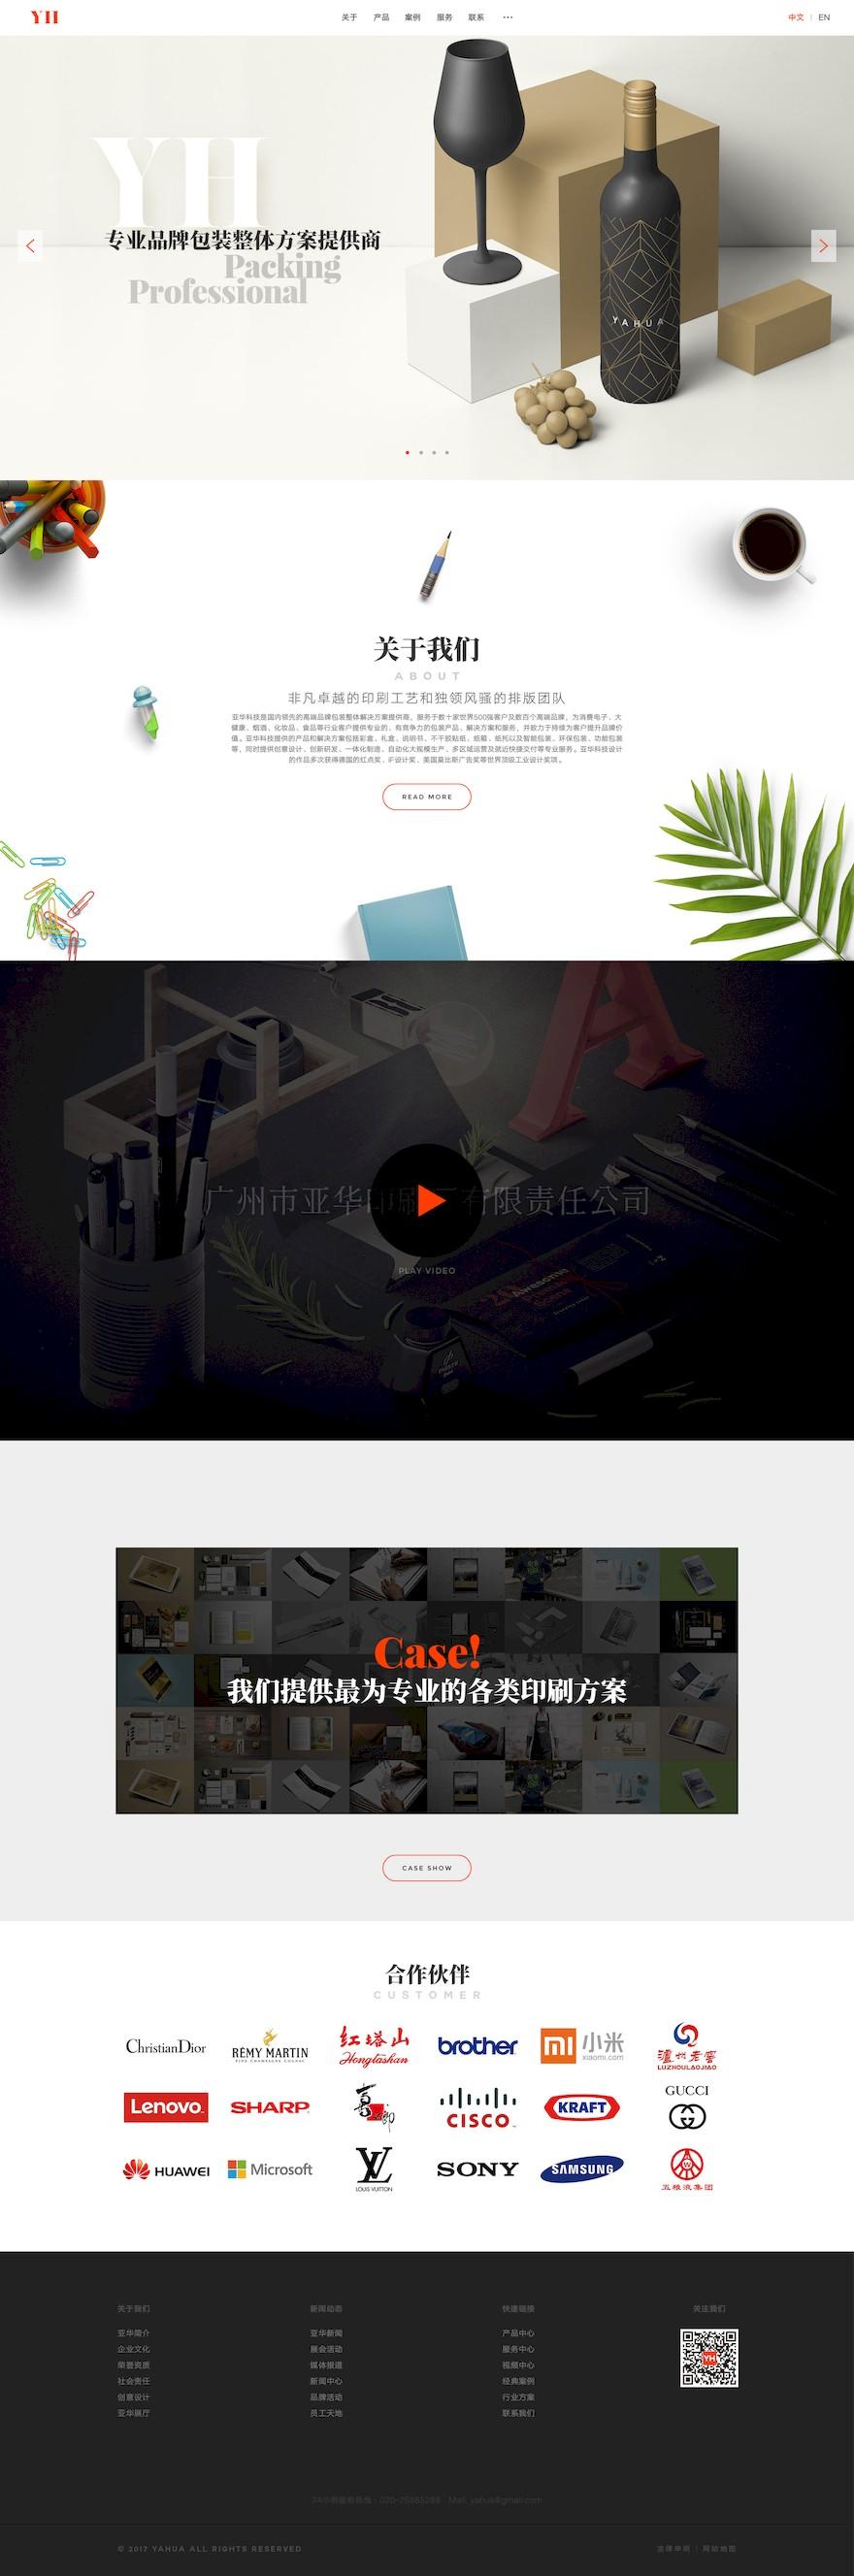 实用的中文印刷类企业网站psd和html模板[Photoshop/HTML/2.32GB]百度网盘下载插图